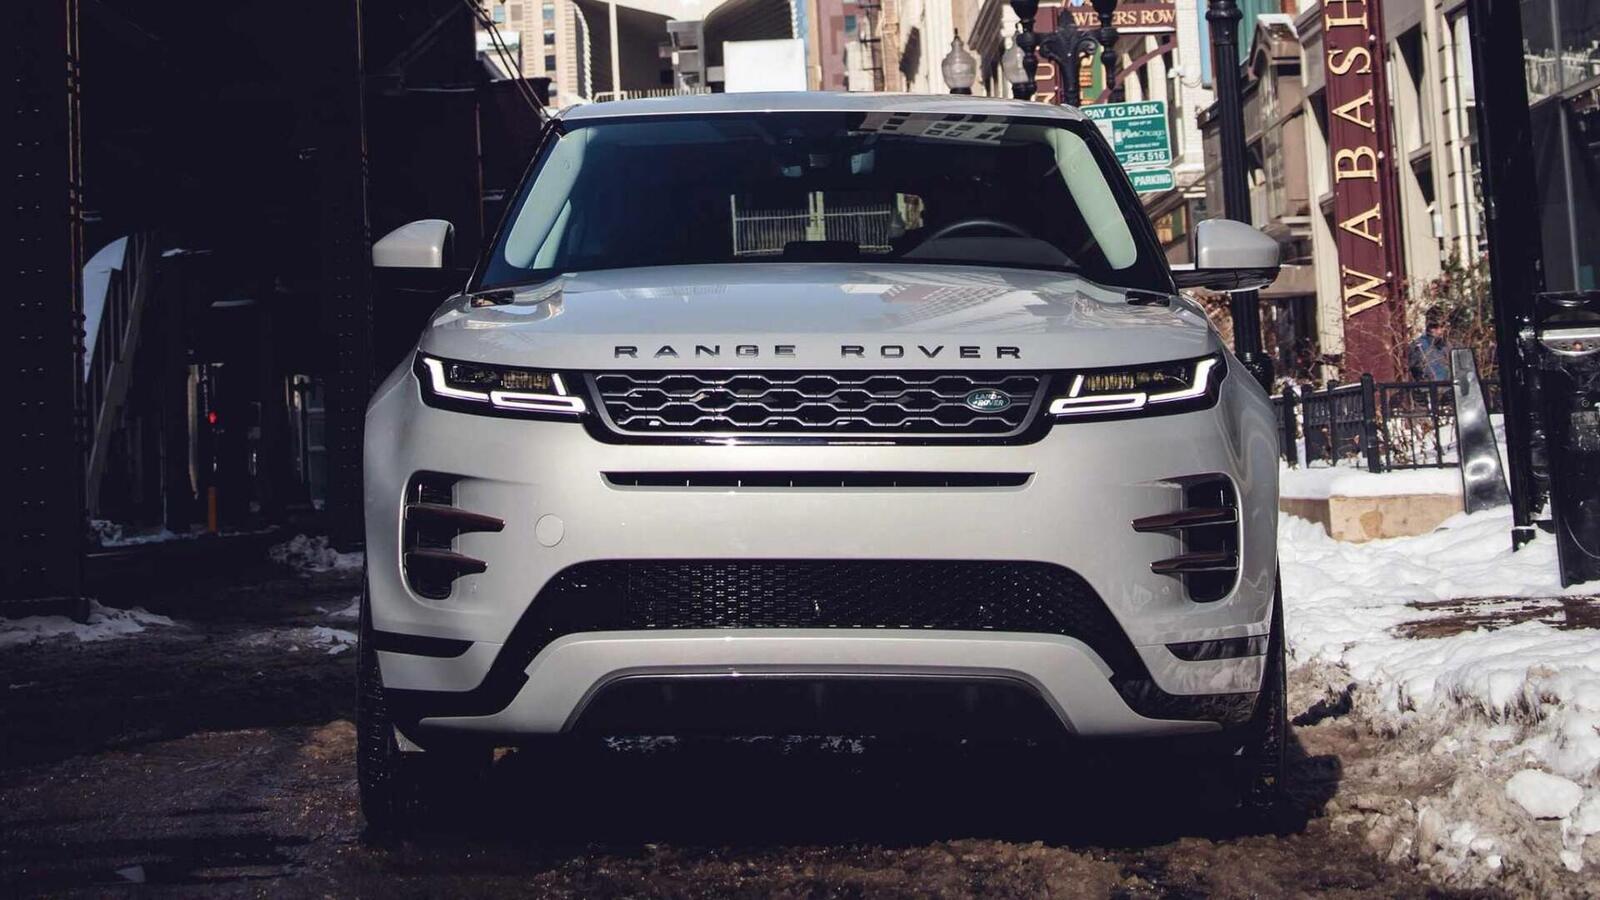 Range Rover Evoque mới tại Mỹ có giá từ 43.645 USD, đắt hơn Audi Q5 và Mercedes GLC - Hình 11